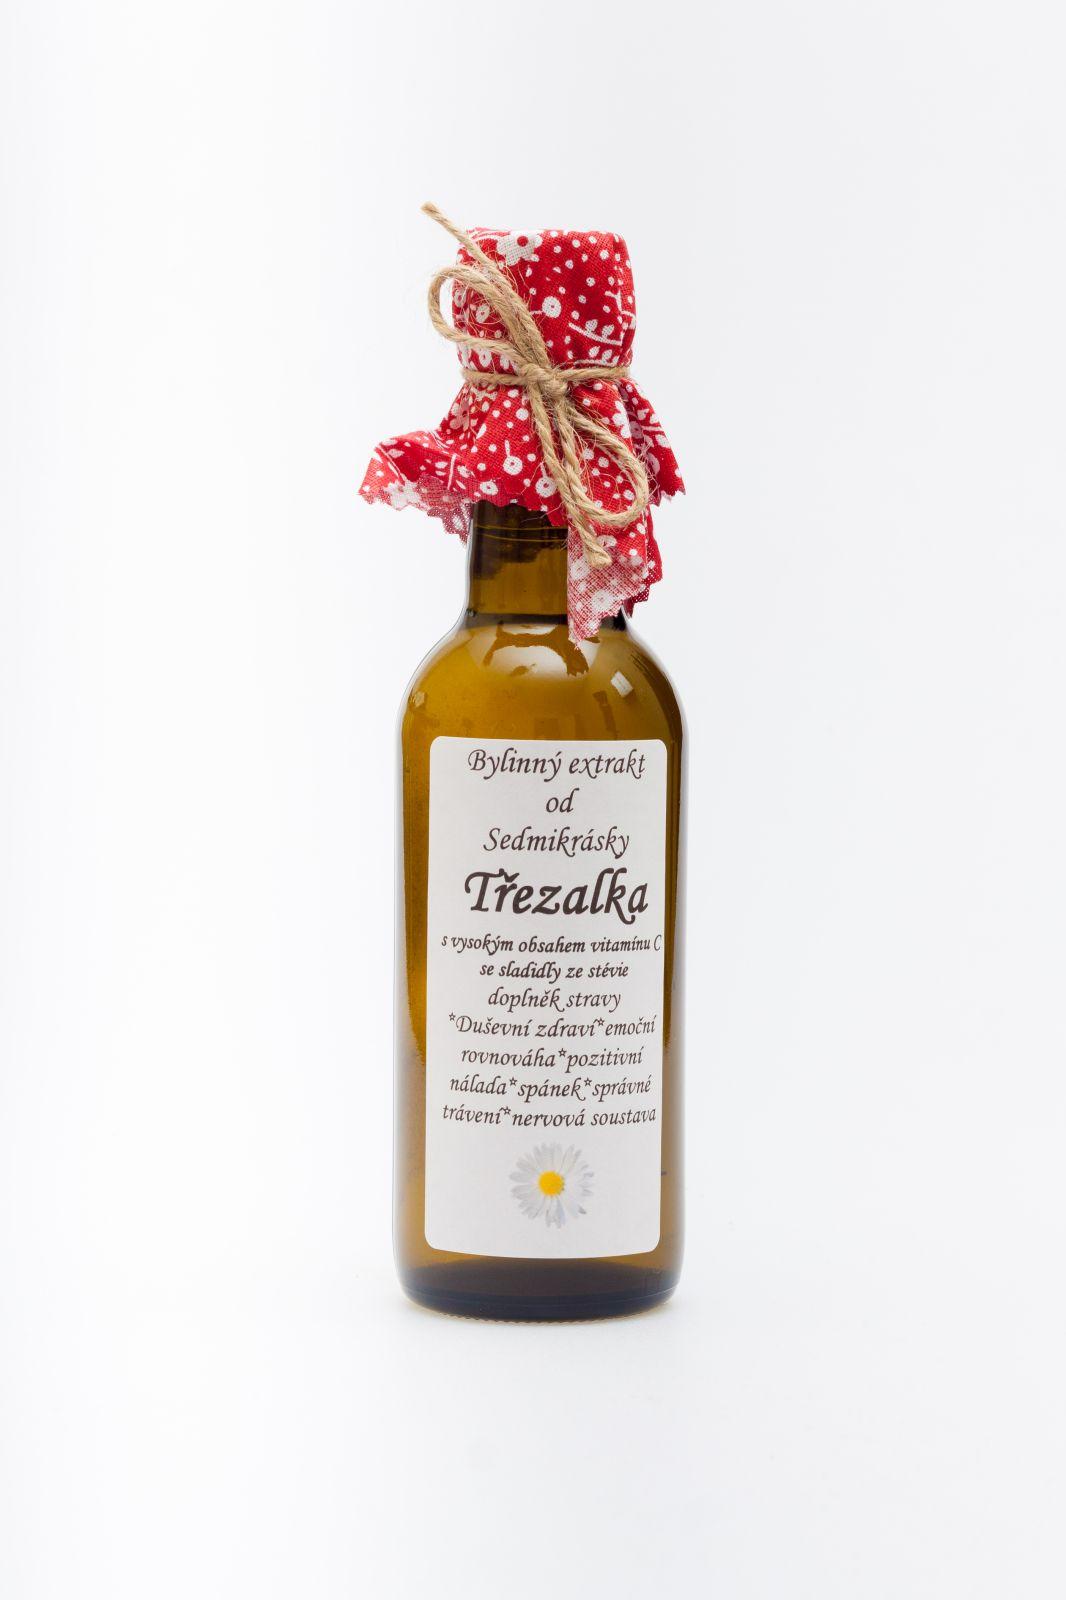 Sedmikráska ekstrakt ziołowy Dziurawec zwyczajny 250ml zdrowie psychiczne, równowaga emocjonalna, pozytywny nastrój, sen, prawidłowe trawienie, układ nerwowy Rodinná farma Sedmikráska